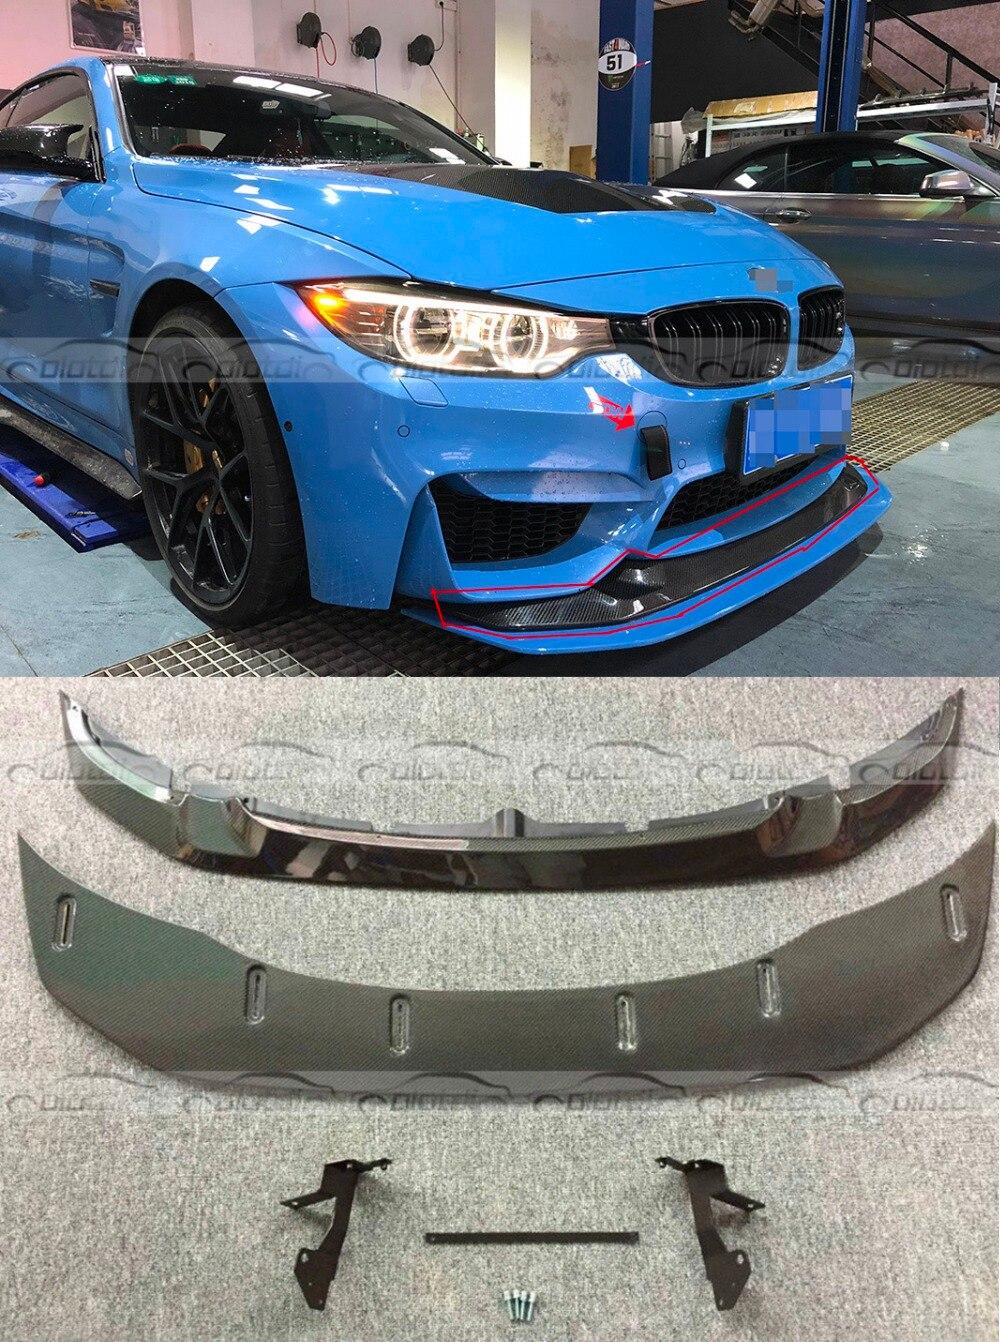 F80 F82 GTS Style Car Styling Reale In Fibra di Carbonio Labbro Anteriore e Paraurti Spoiler Fit Per BMW F80 M3 F82 m4 2013 + 2 pz